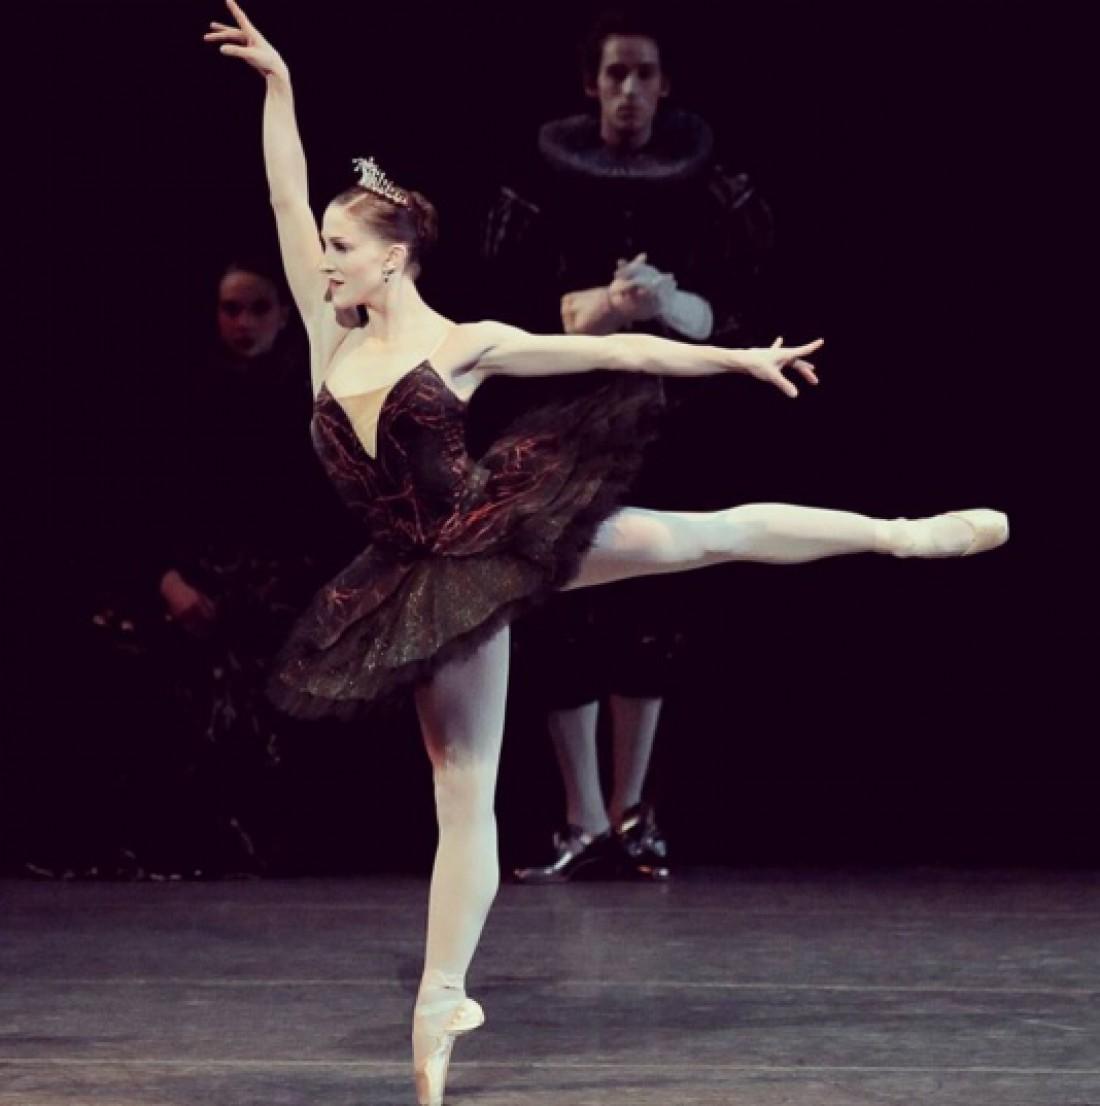 Беременная балерина покорила поклонников своим танцем